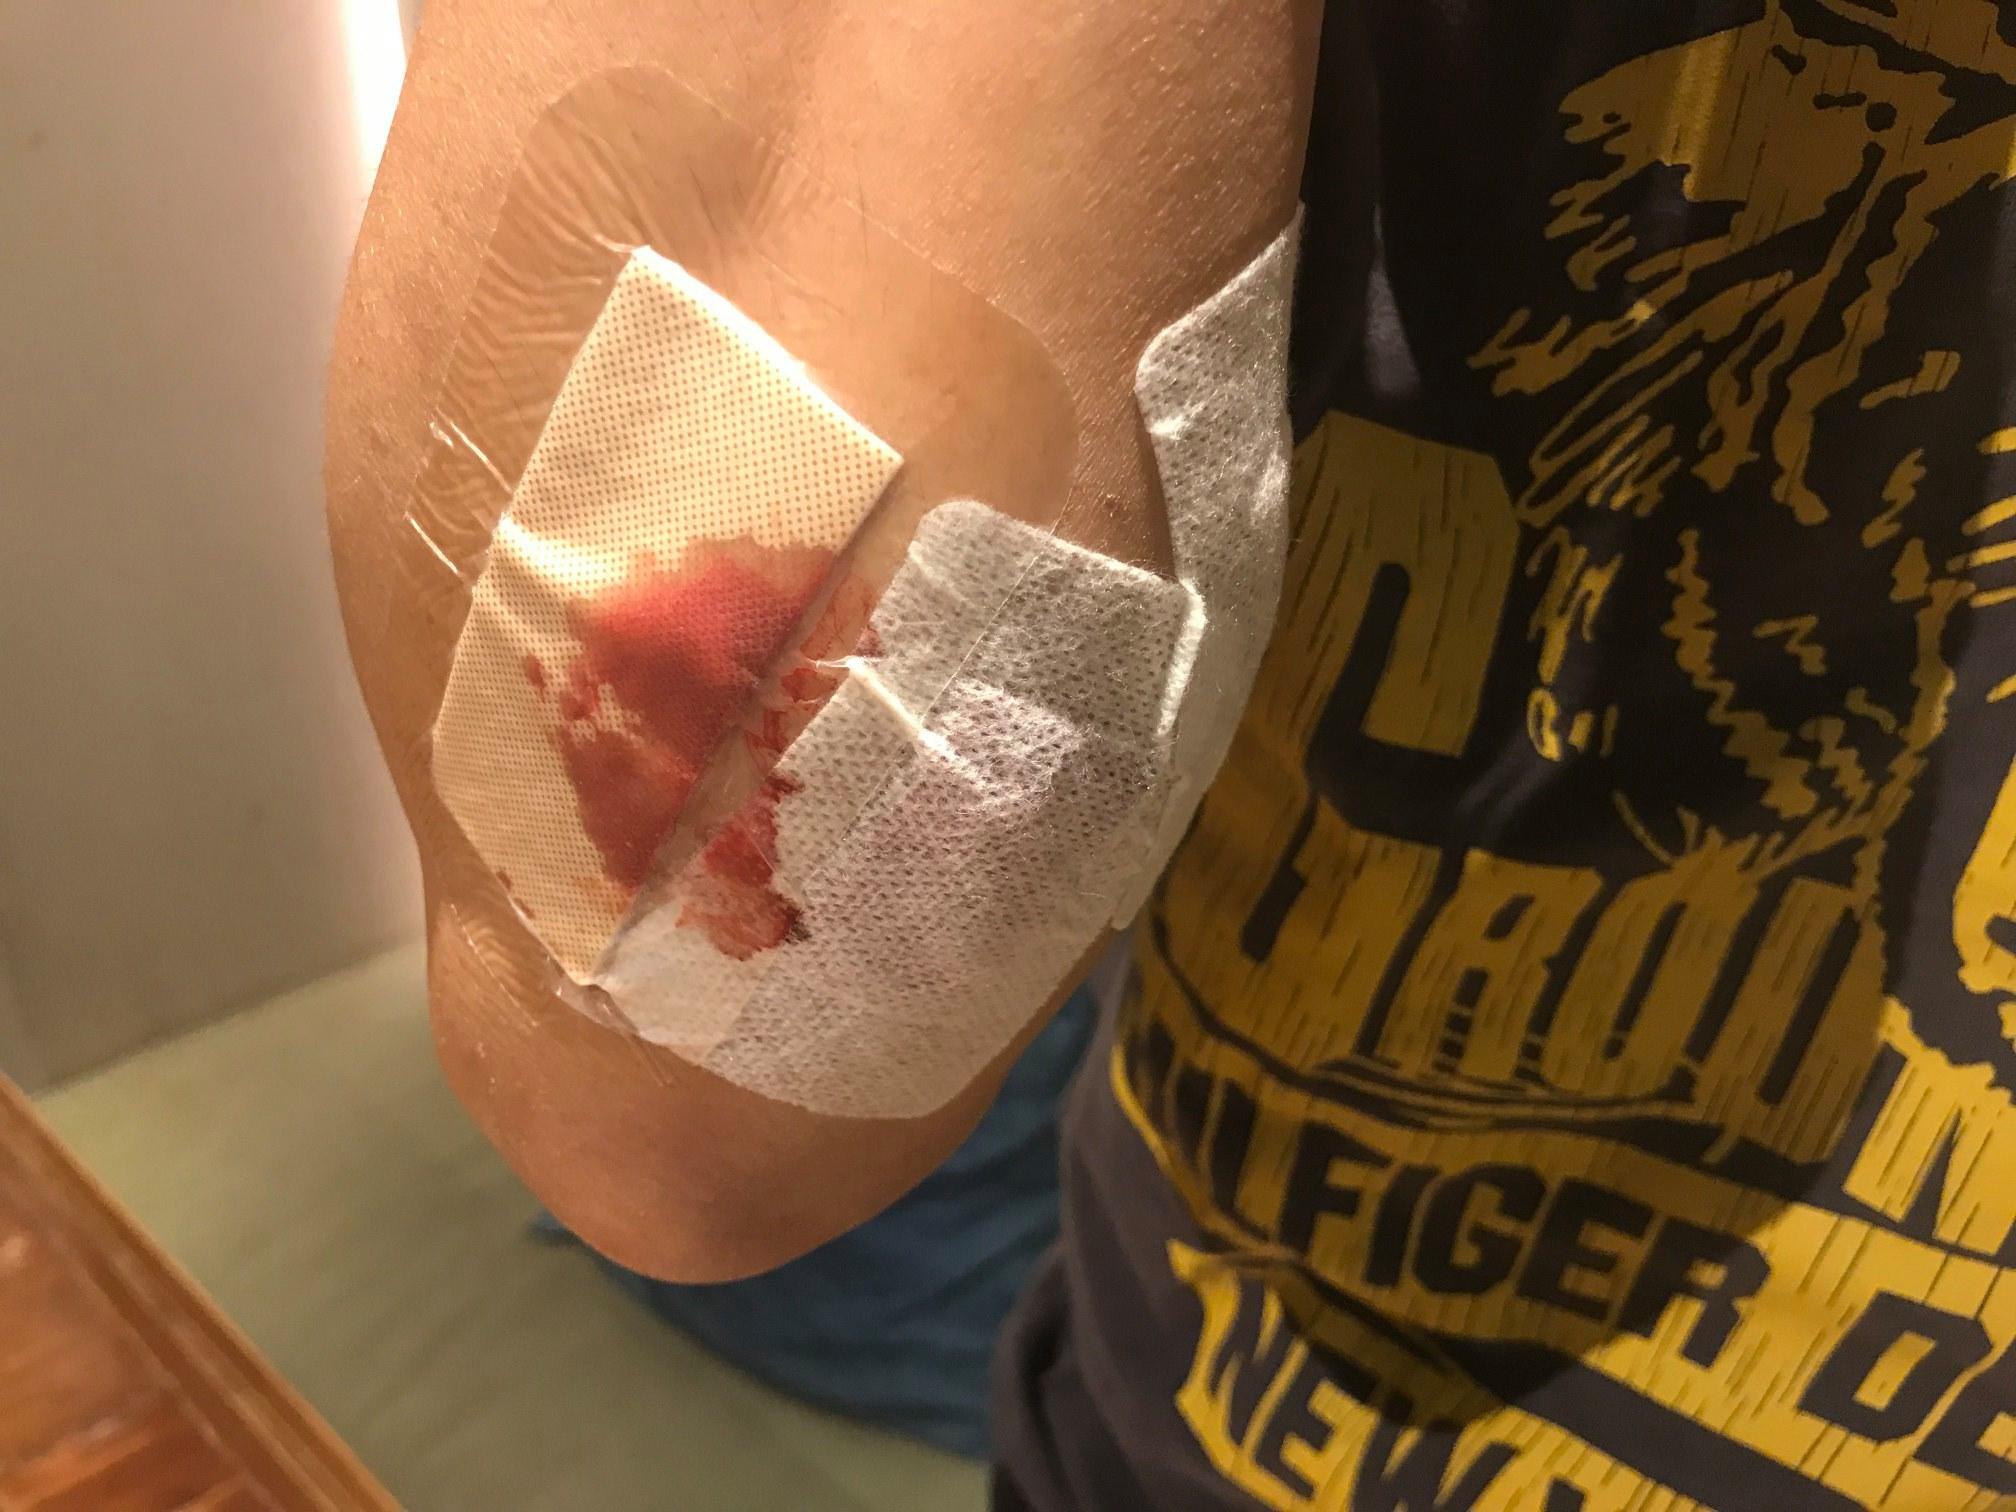 楼主丈夫手部受伤。「拉布拉多谷Labrador Valley」fb群组图片